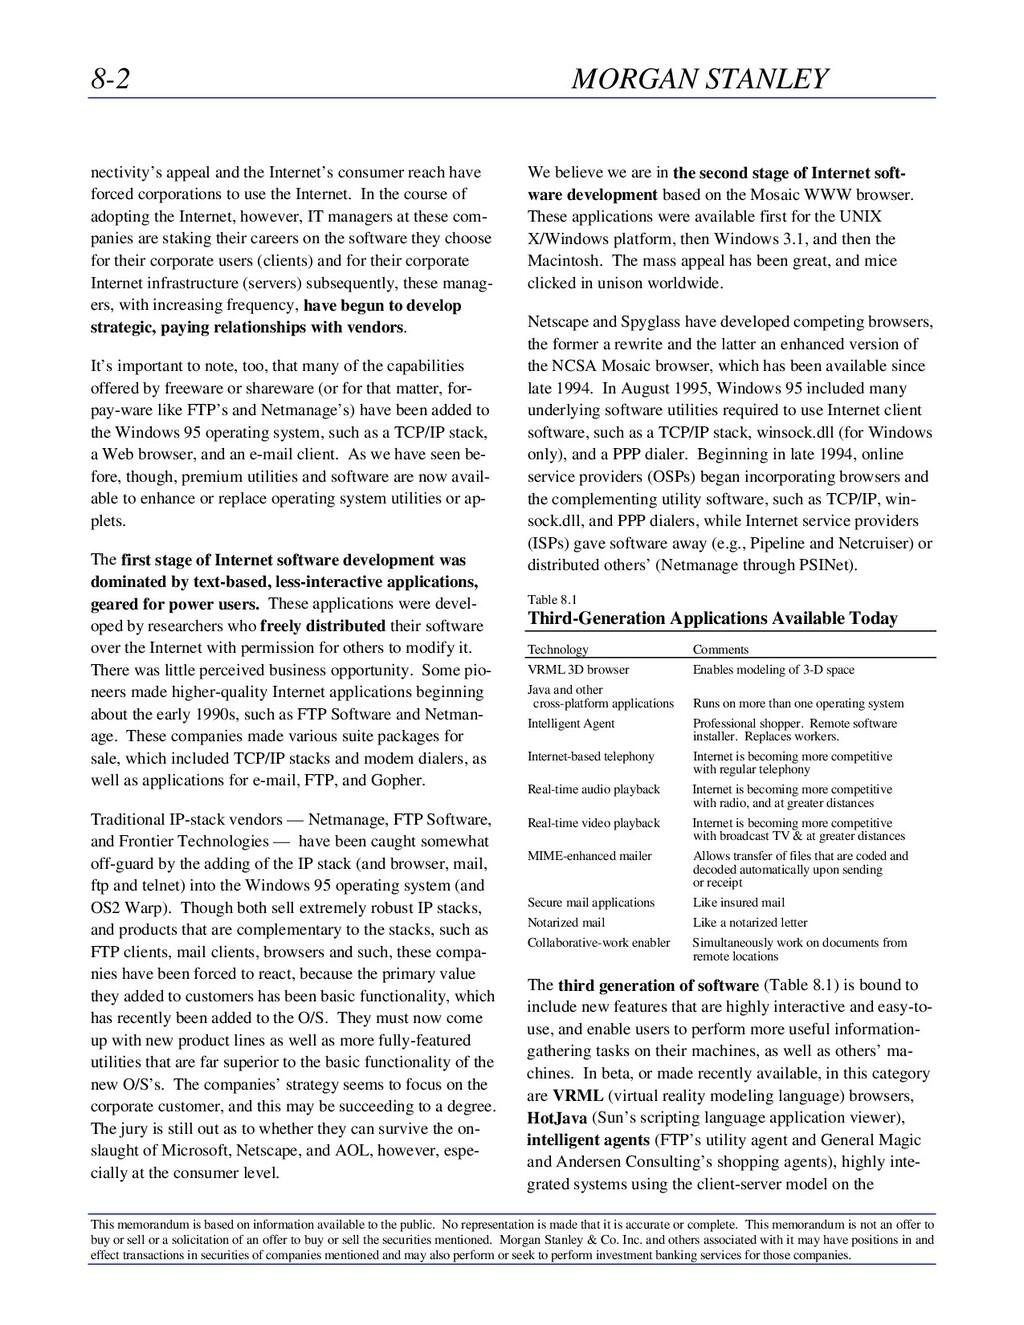 8-2 MORGAN STANLEY This memorandum is based on ...